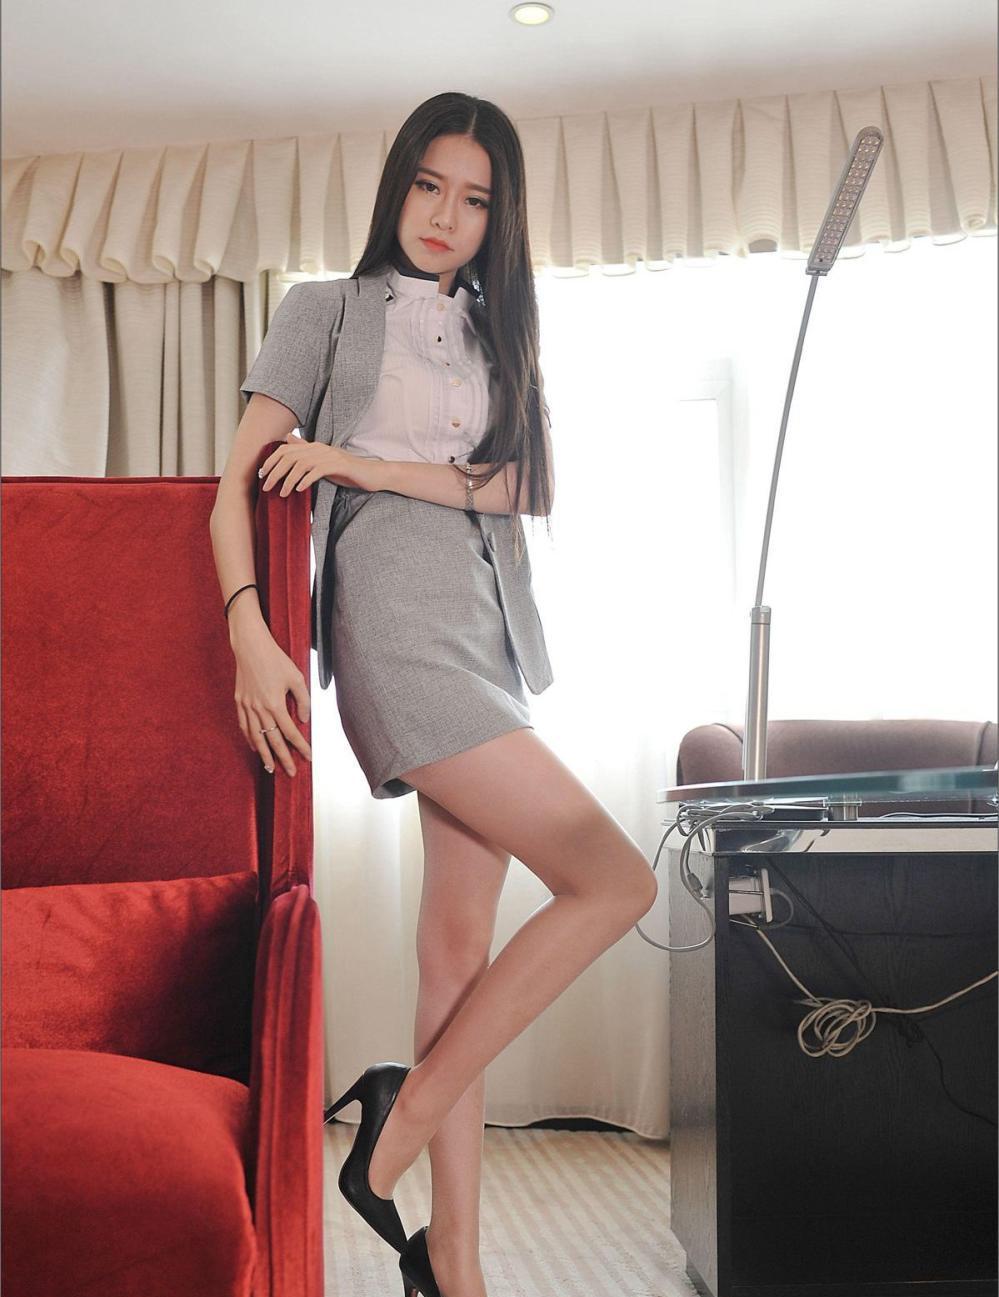 公司发的包臀裙又土又丑, 美女秘书搭配丝袜高跟鞋却穿的很好看图片